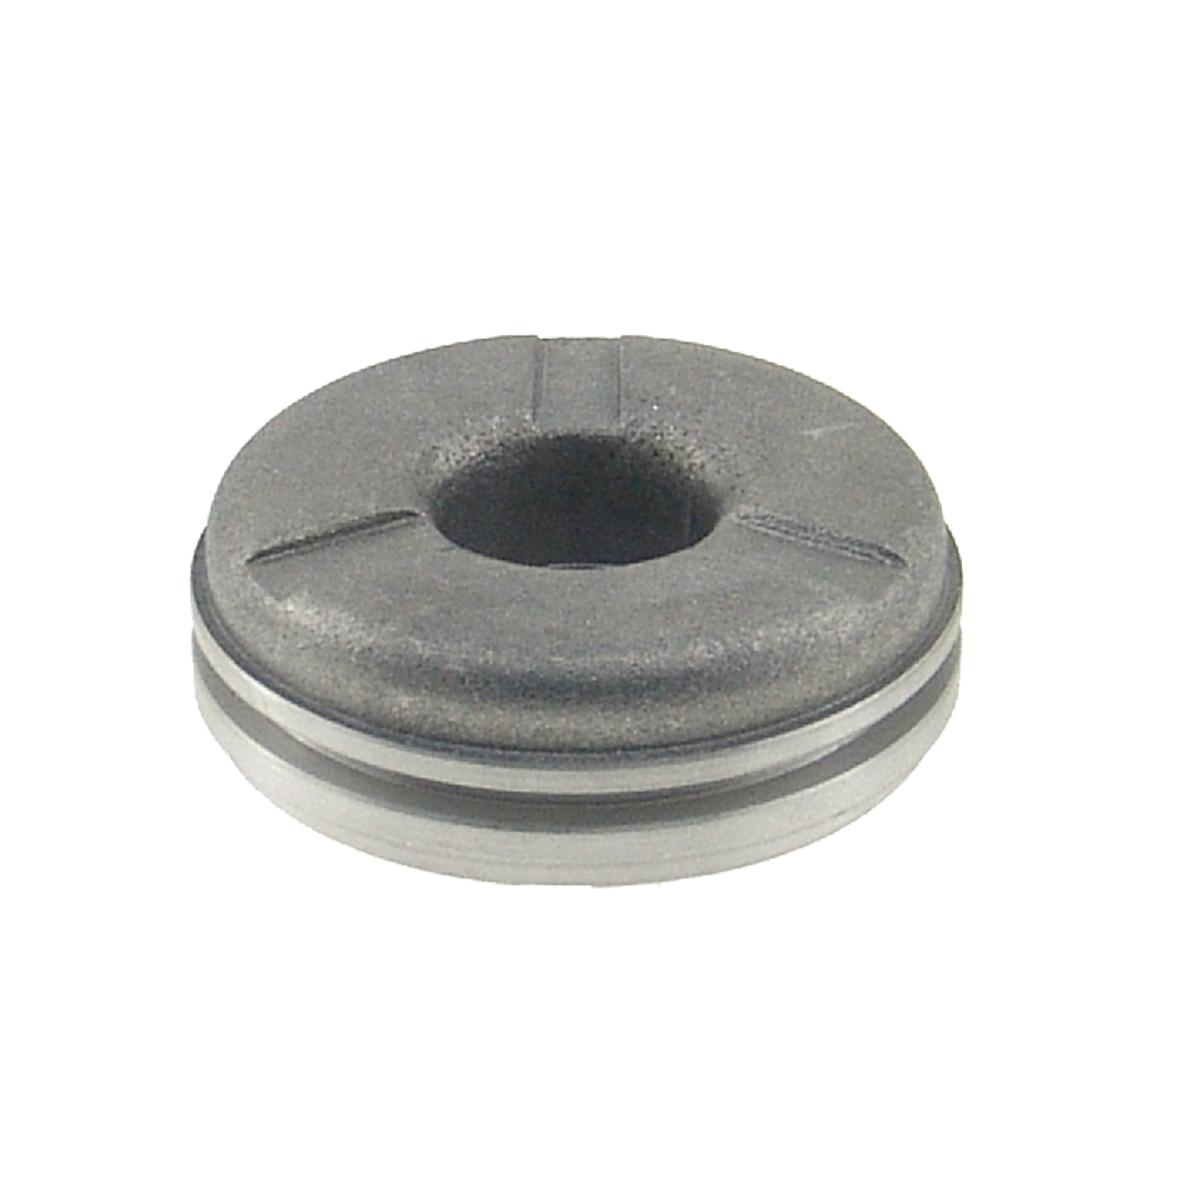 4l60 accumulator piston